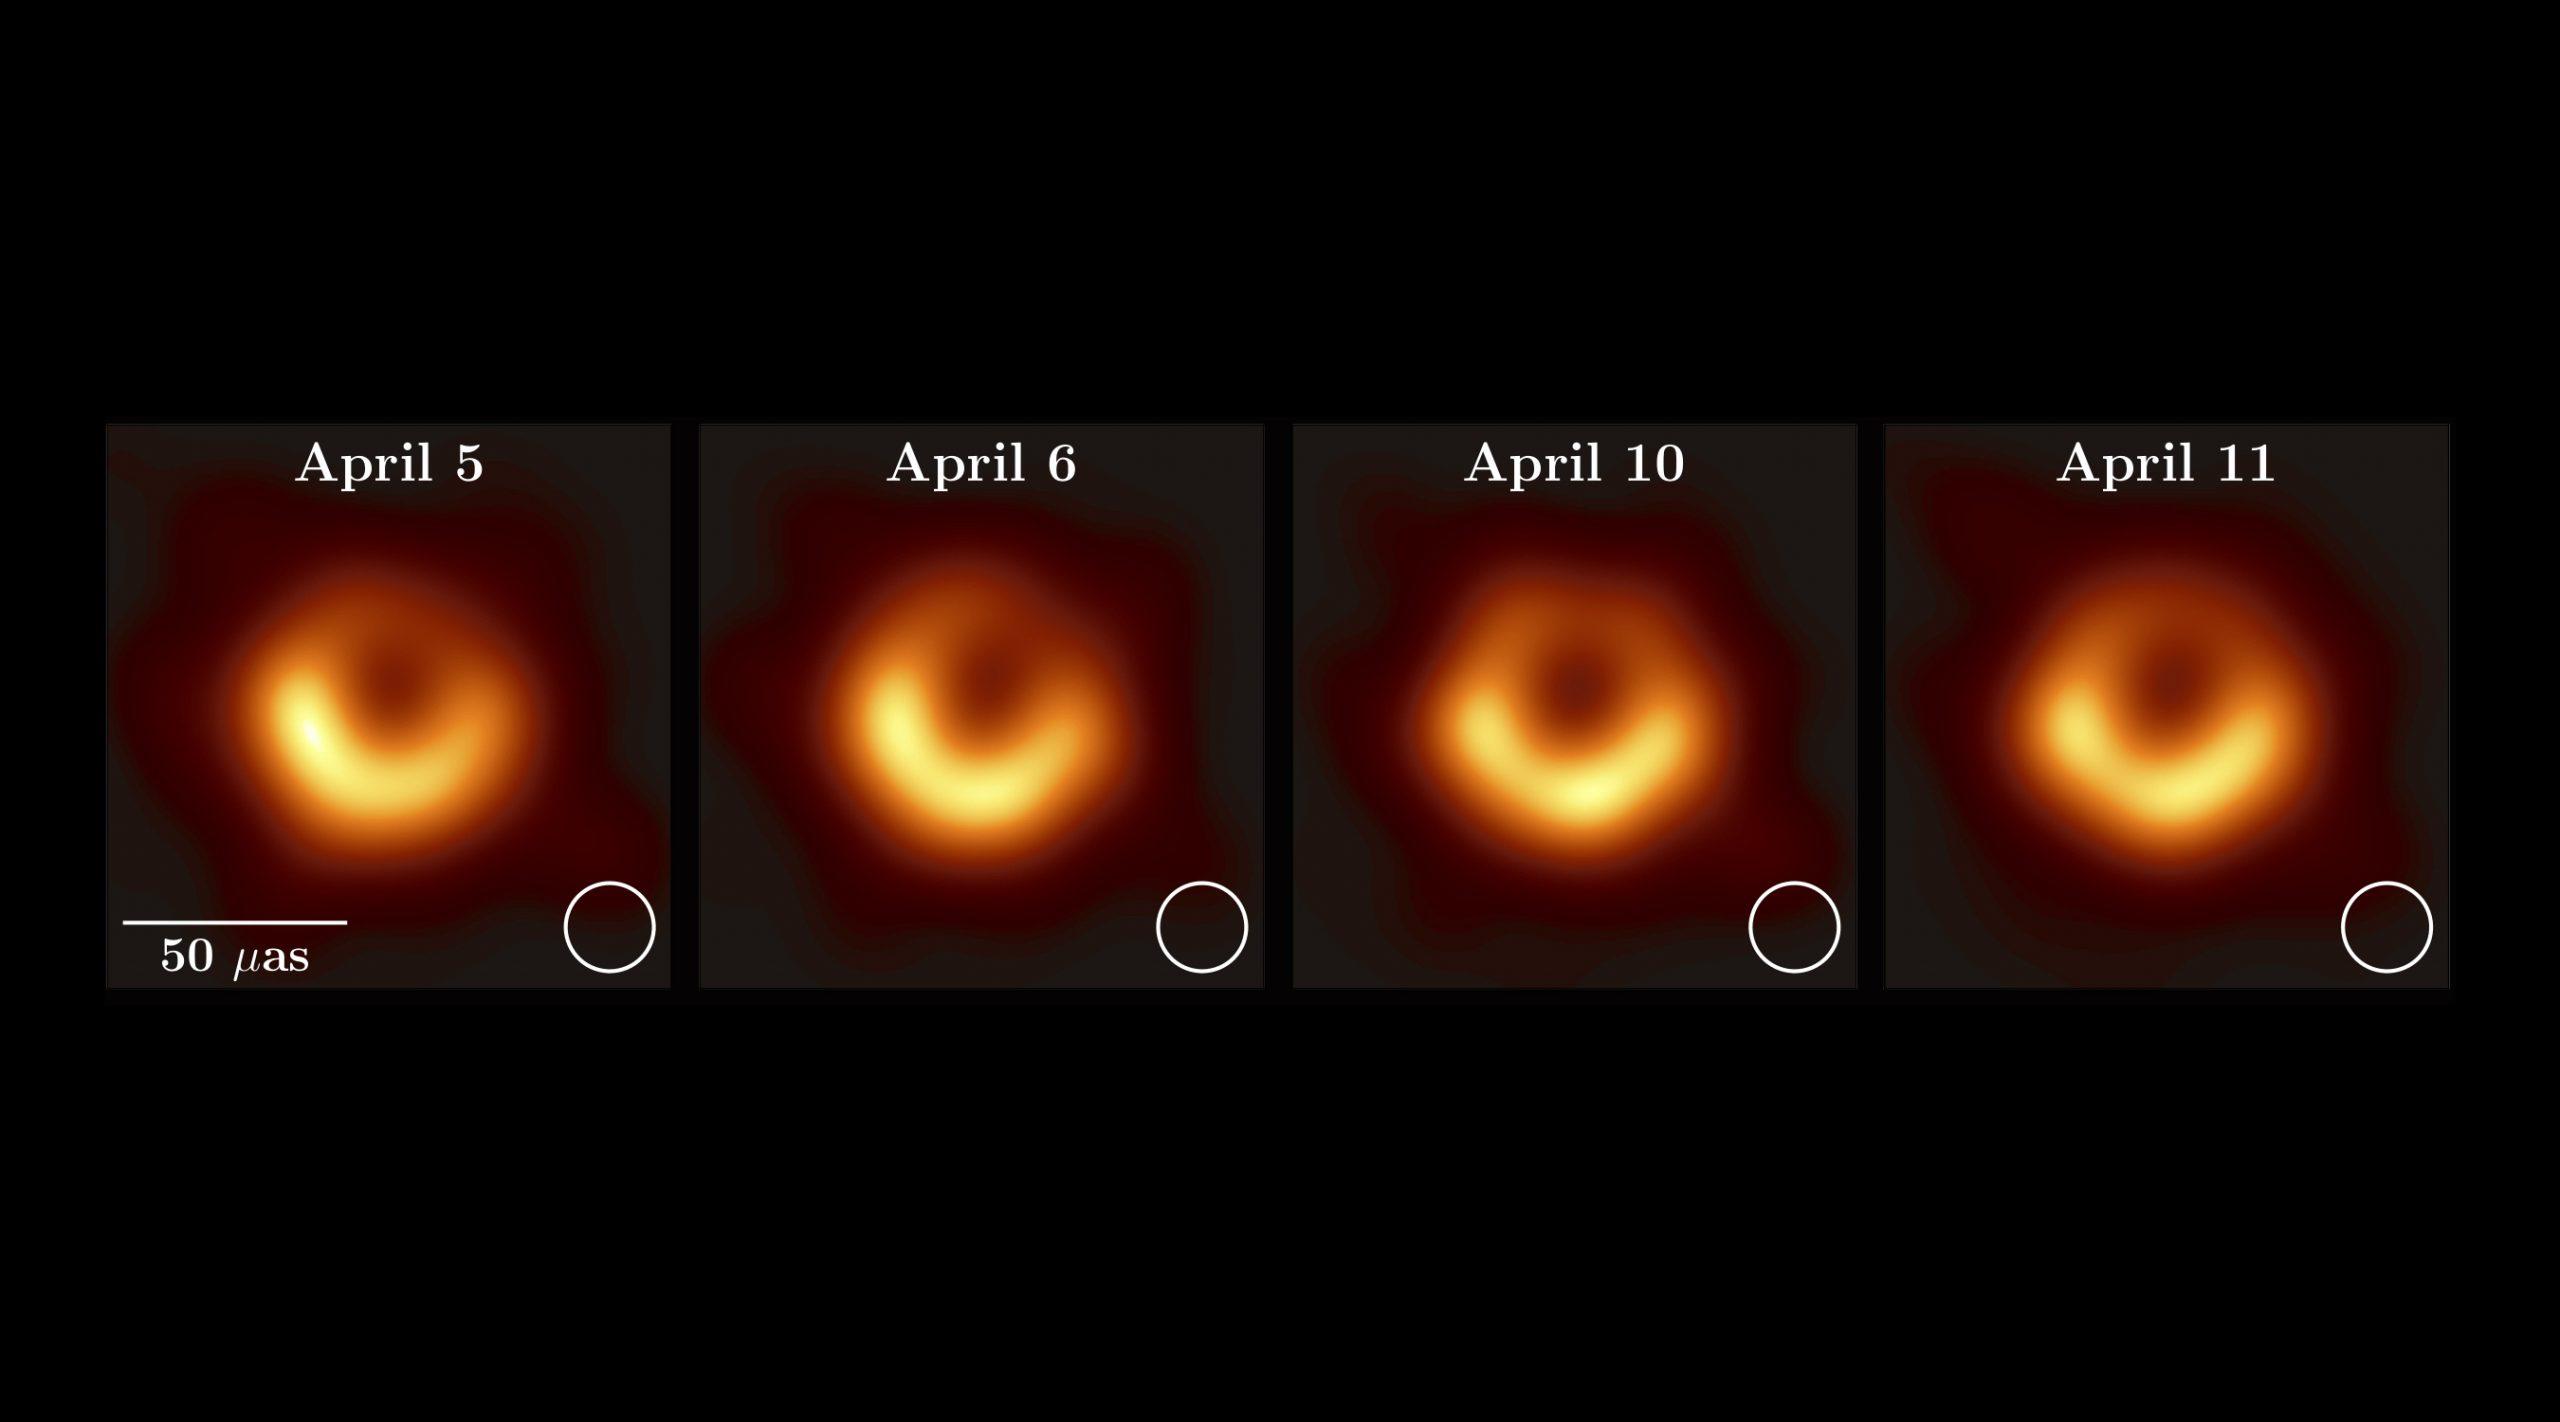 შავი ხვრელის პირველი სურათი ერთი წლისაა